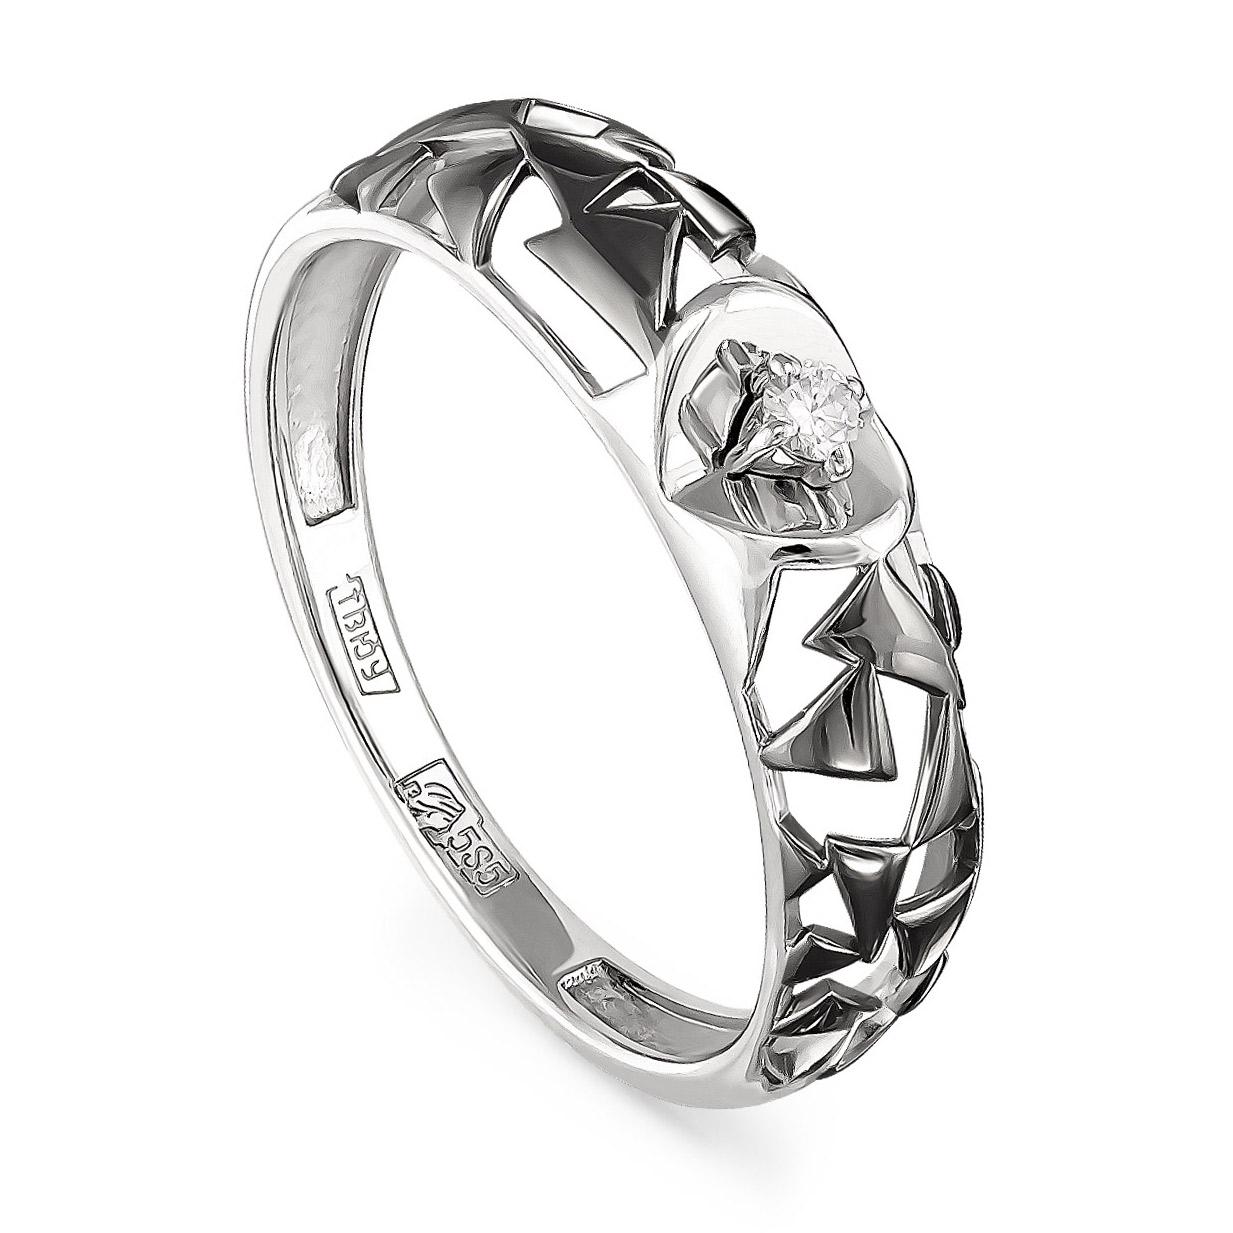 Кольцо из белого золота Бриллиант арт. 11-1934-1000 11-1934-1000